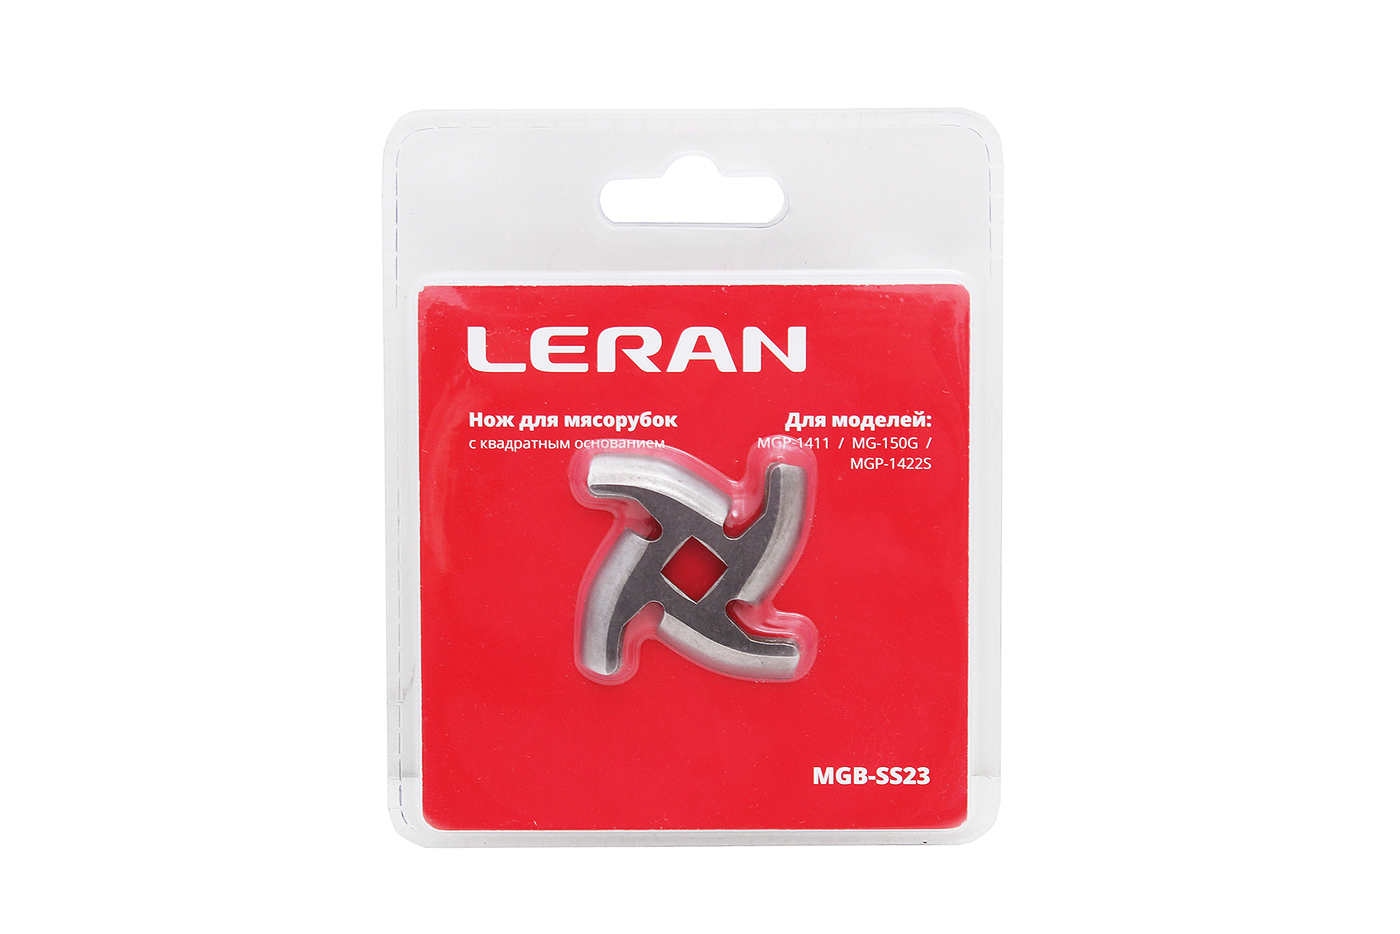 запчасти для мясорубок LERAN MGB-SS23